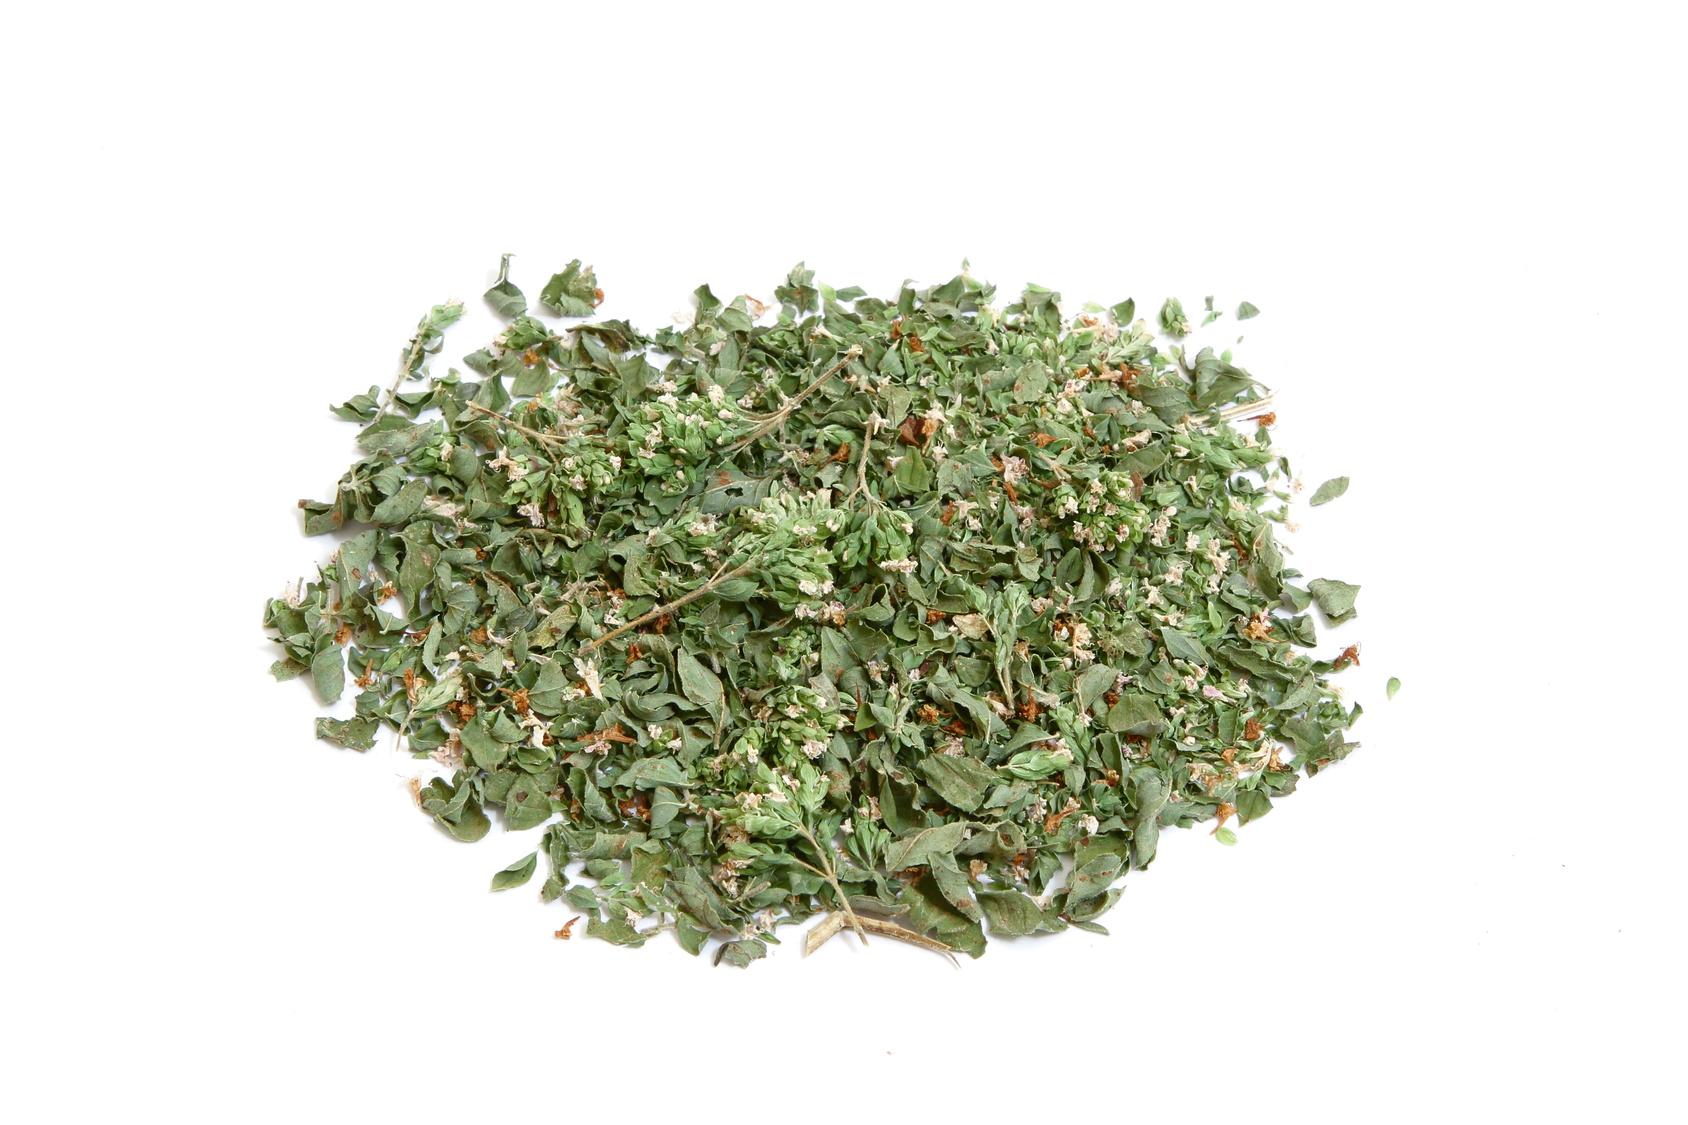 Fines herbes Ducros (7 g)